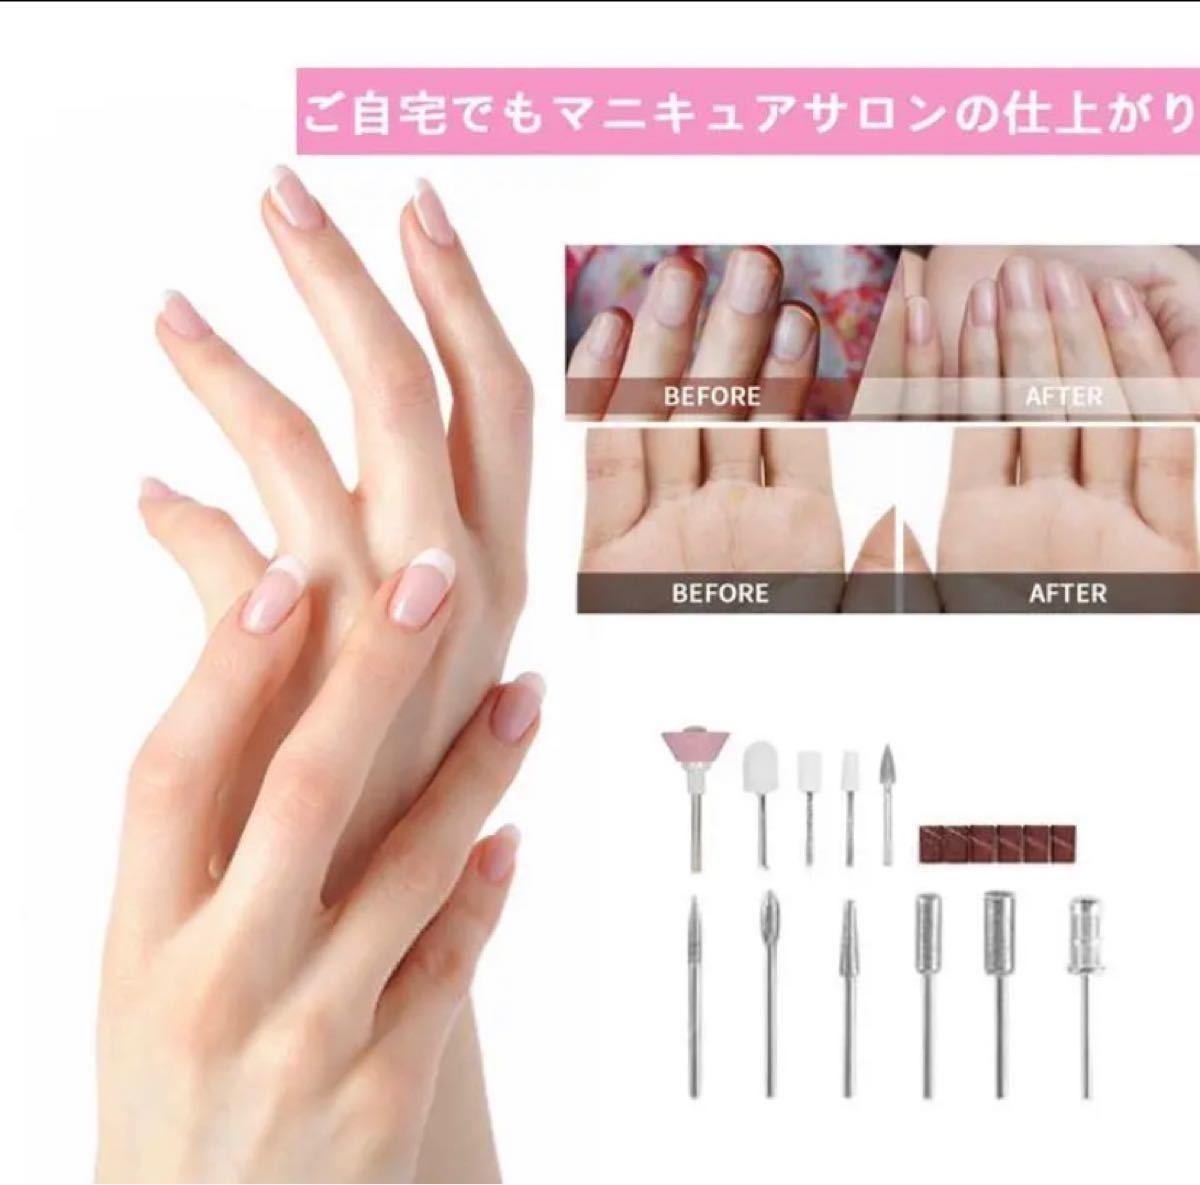 電動ネイルケア 爪やすり 電動 爪磨き ネイルポリッシャー ネイルケアセット